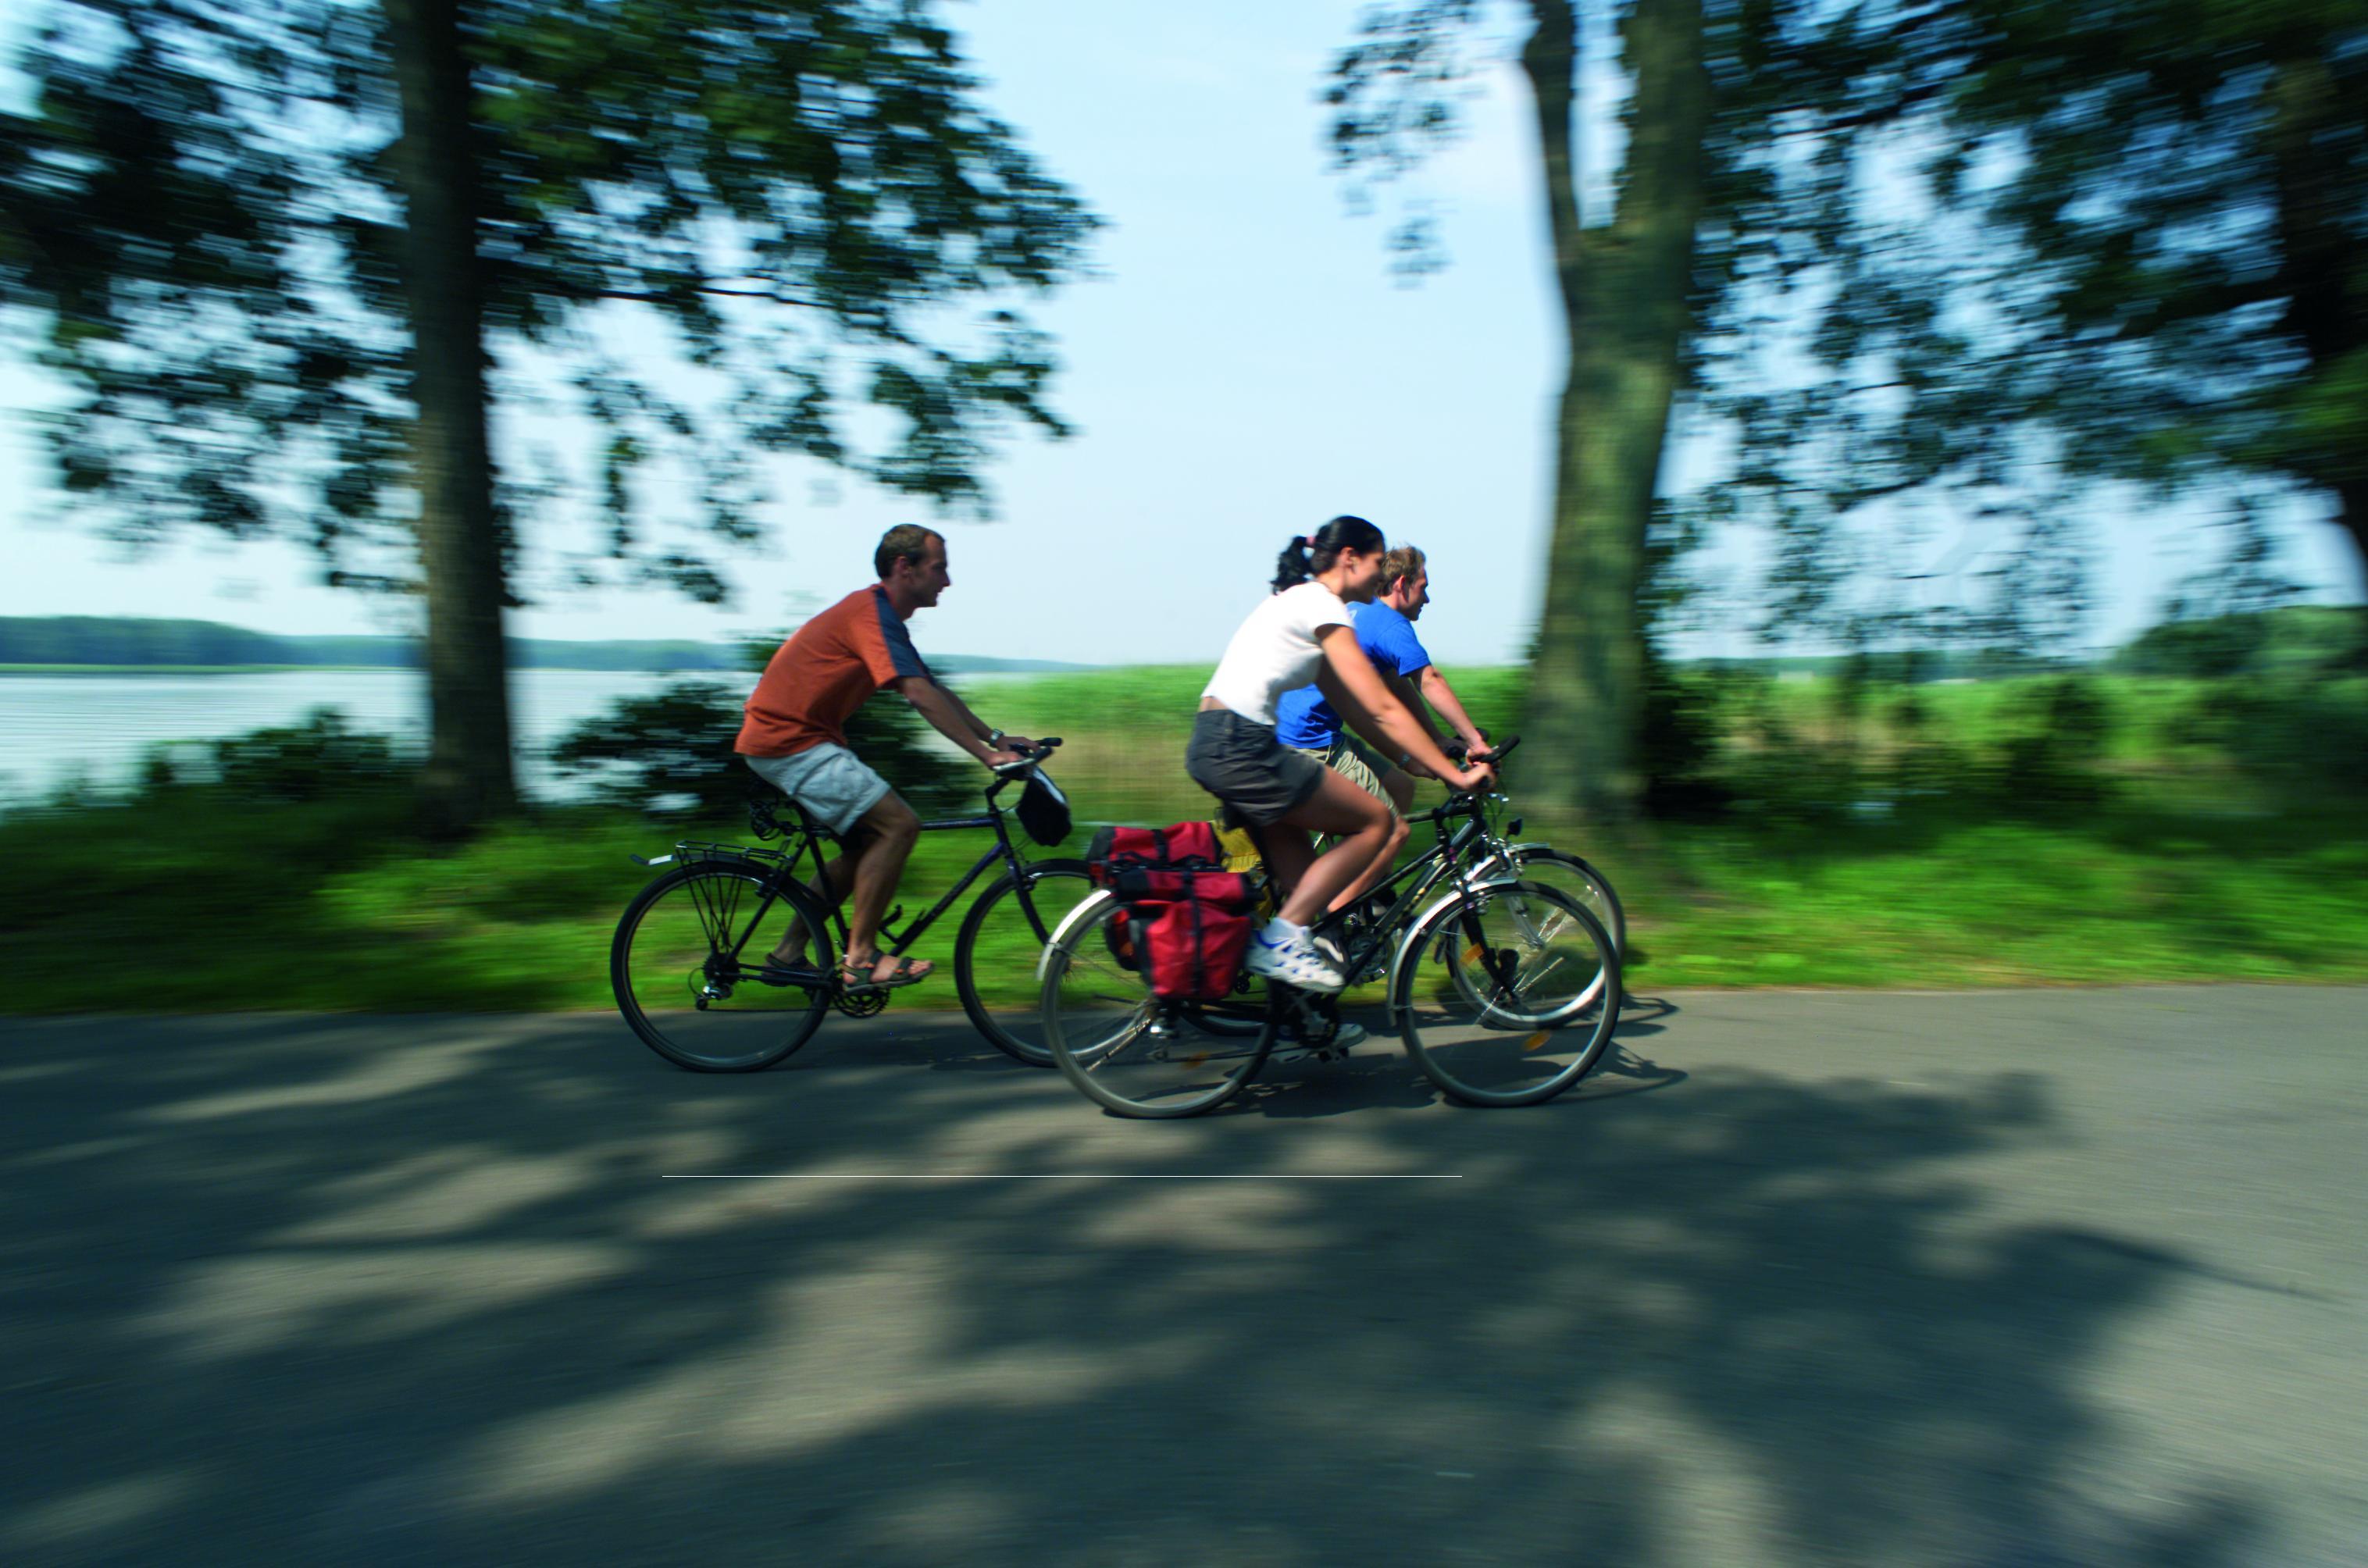 Radeln für einen guten Zweck auf dem Elberadweg in der Prignitz. Foto: ©TMB-Fotoarchiv/Schwarz